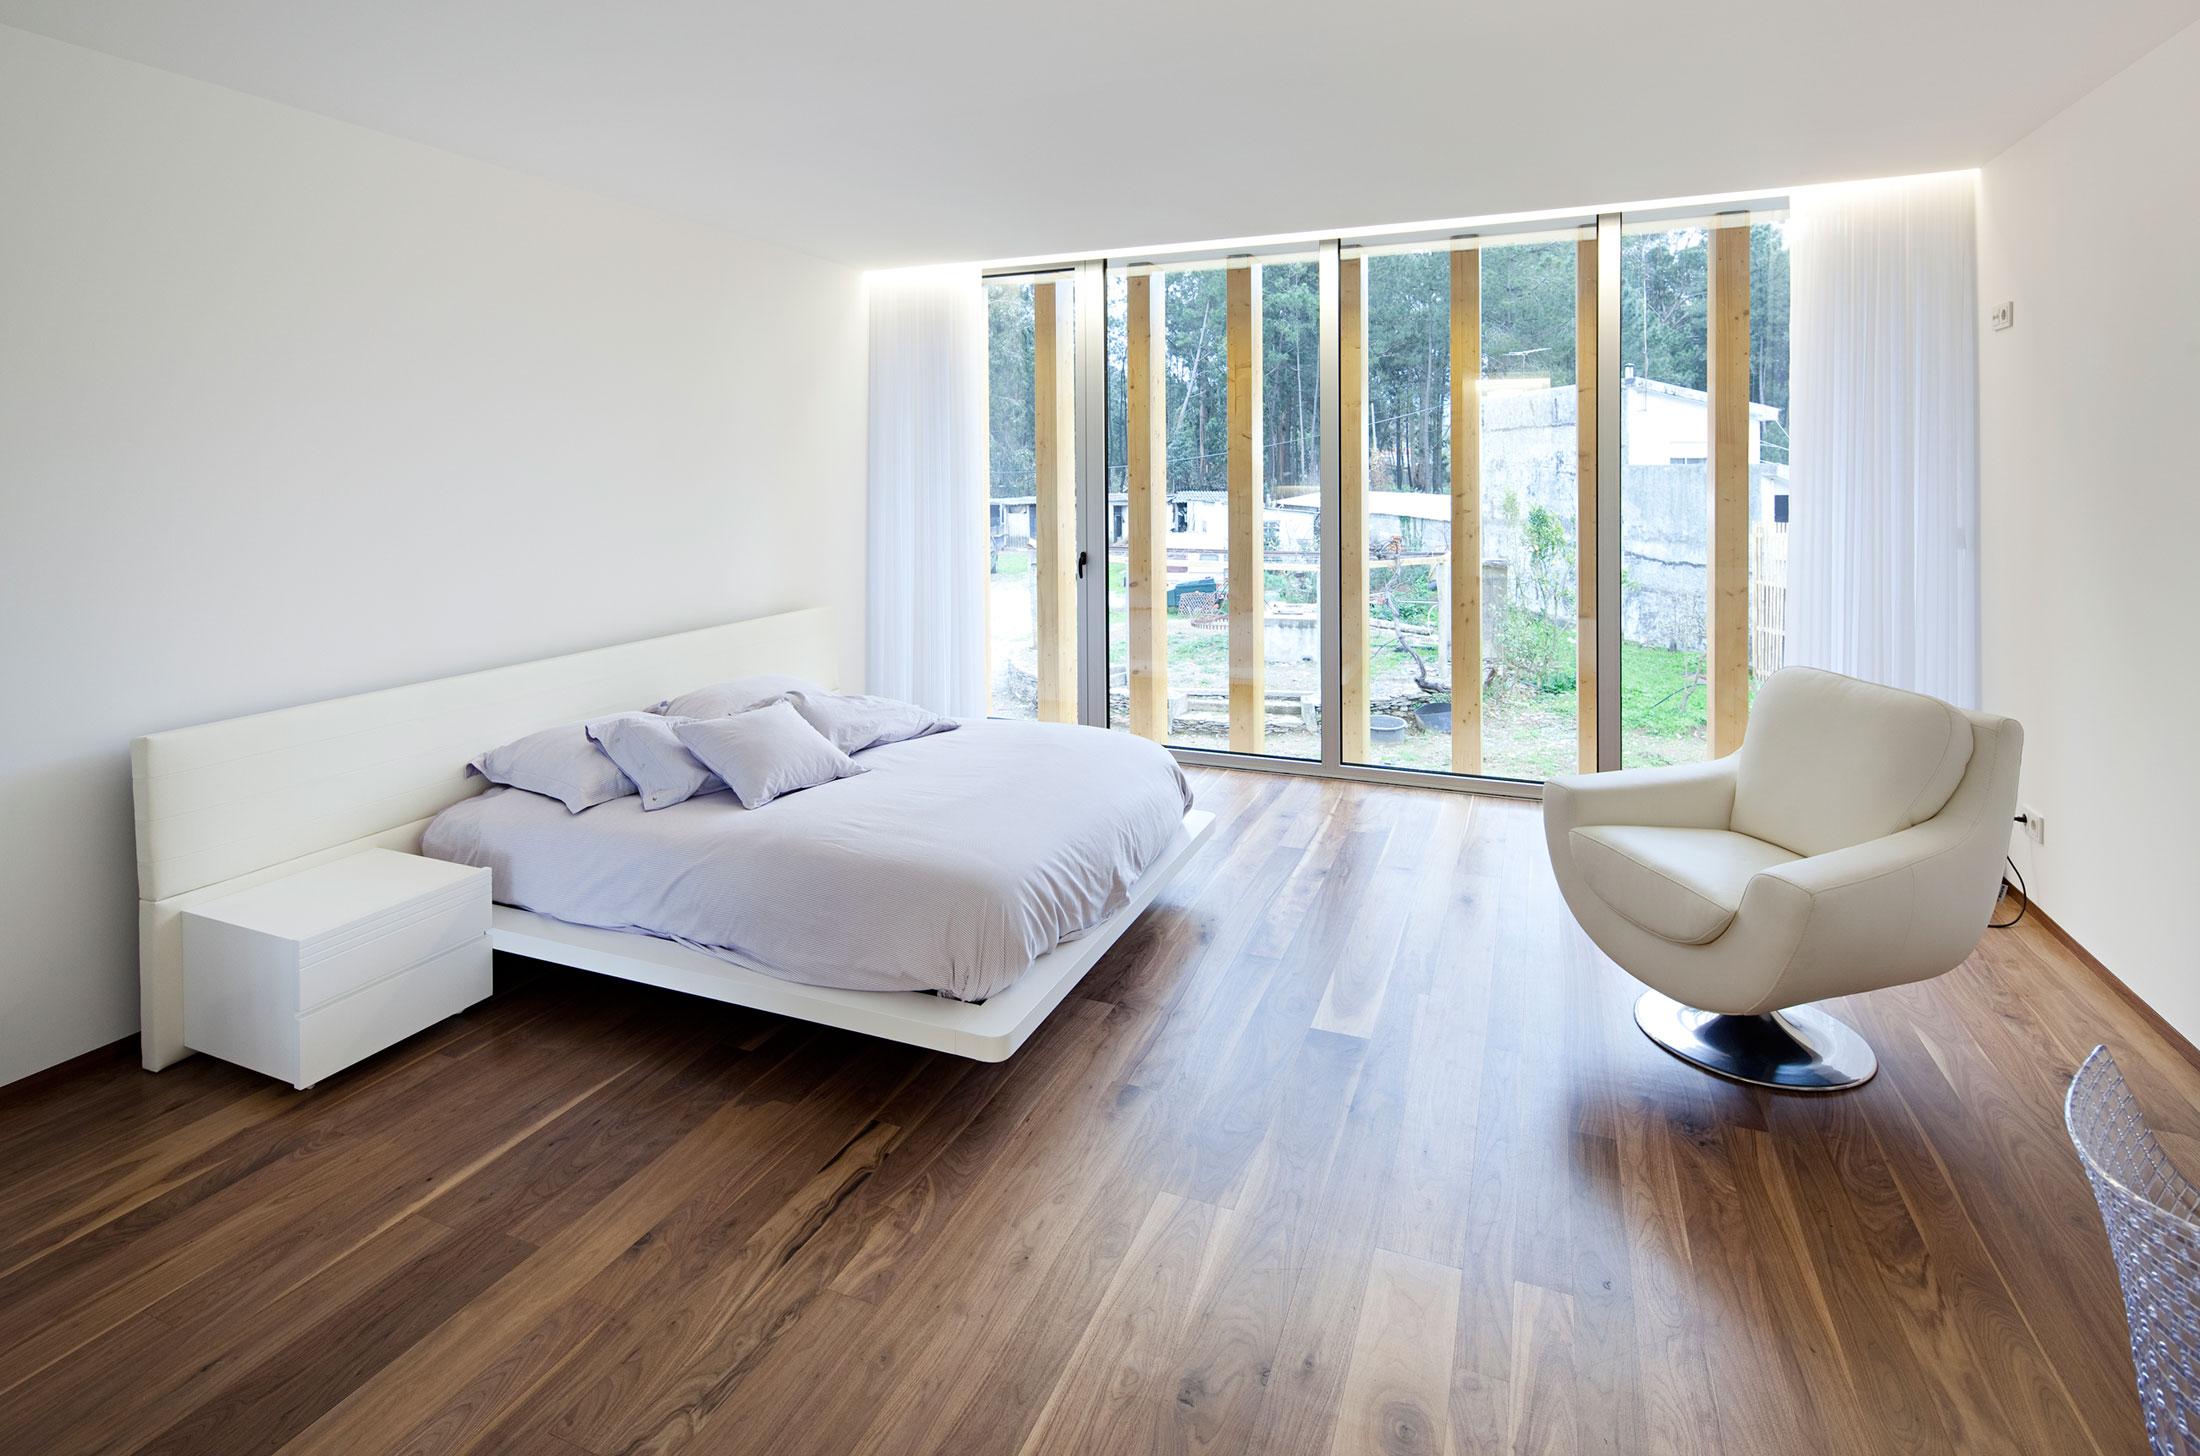 Эксклюзивные шторы в дизайне интерьера помещения